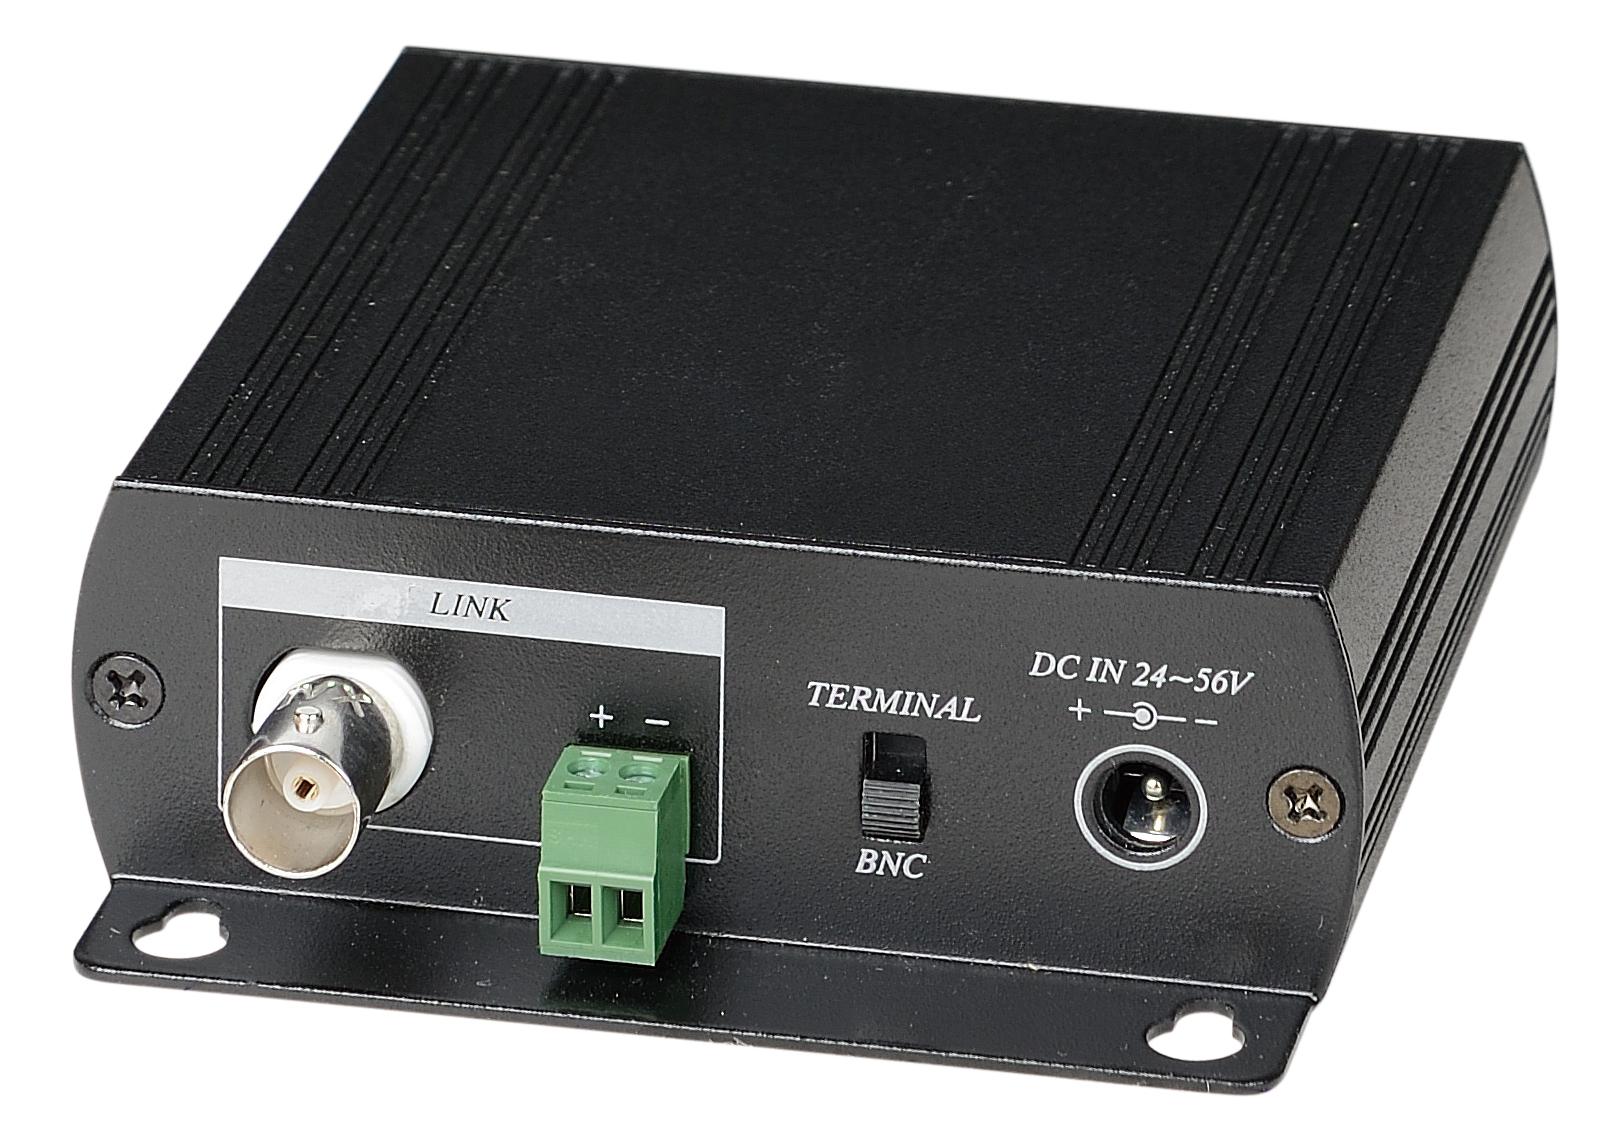 以太网供电同轴线/两芯线延长器